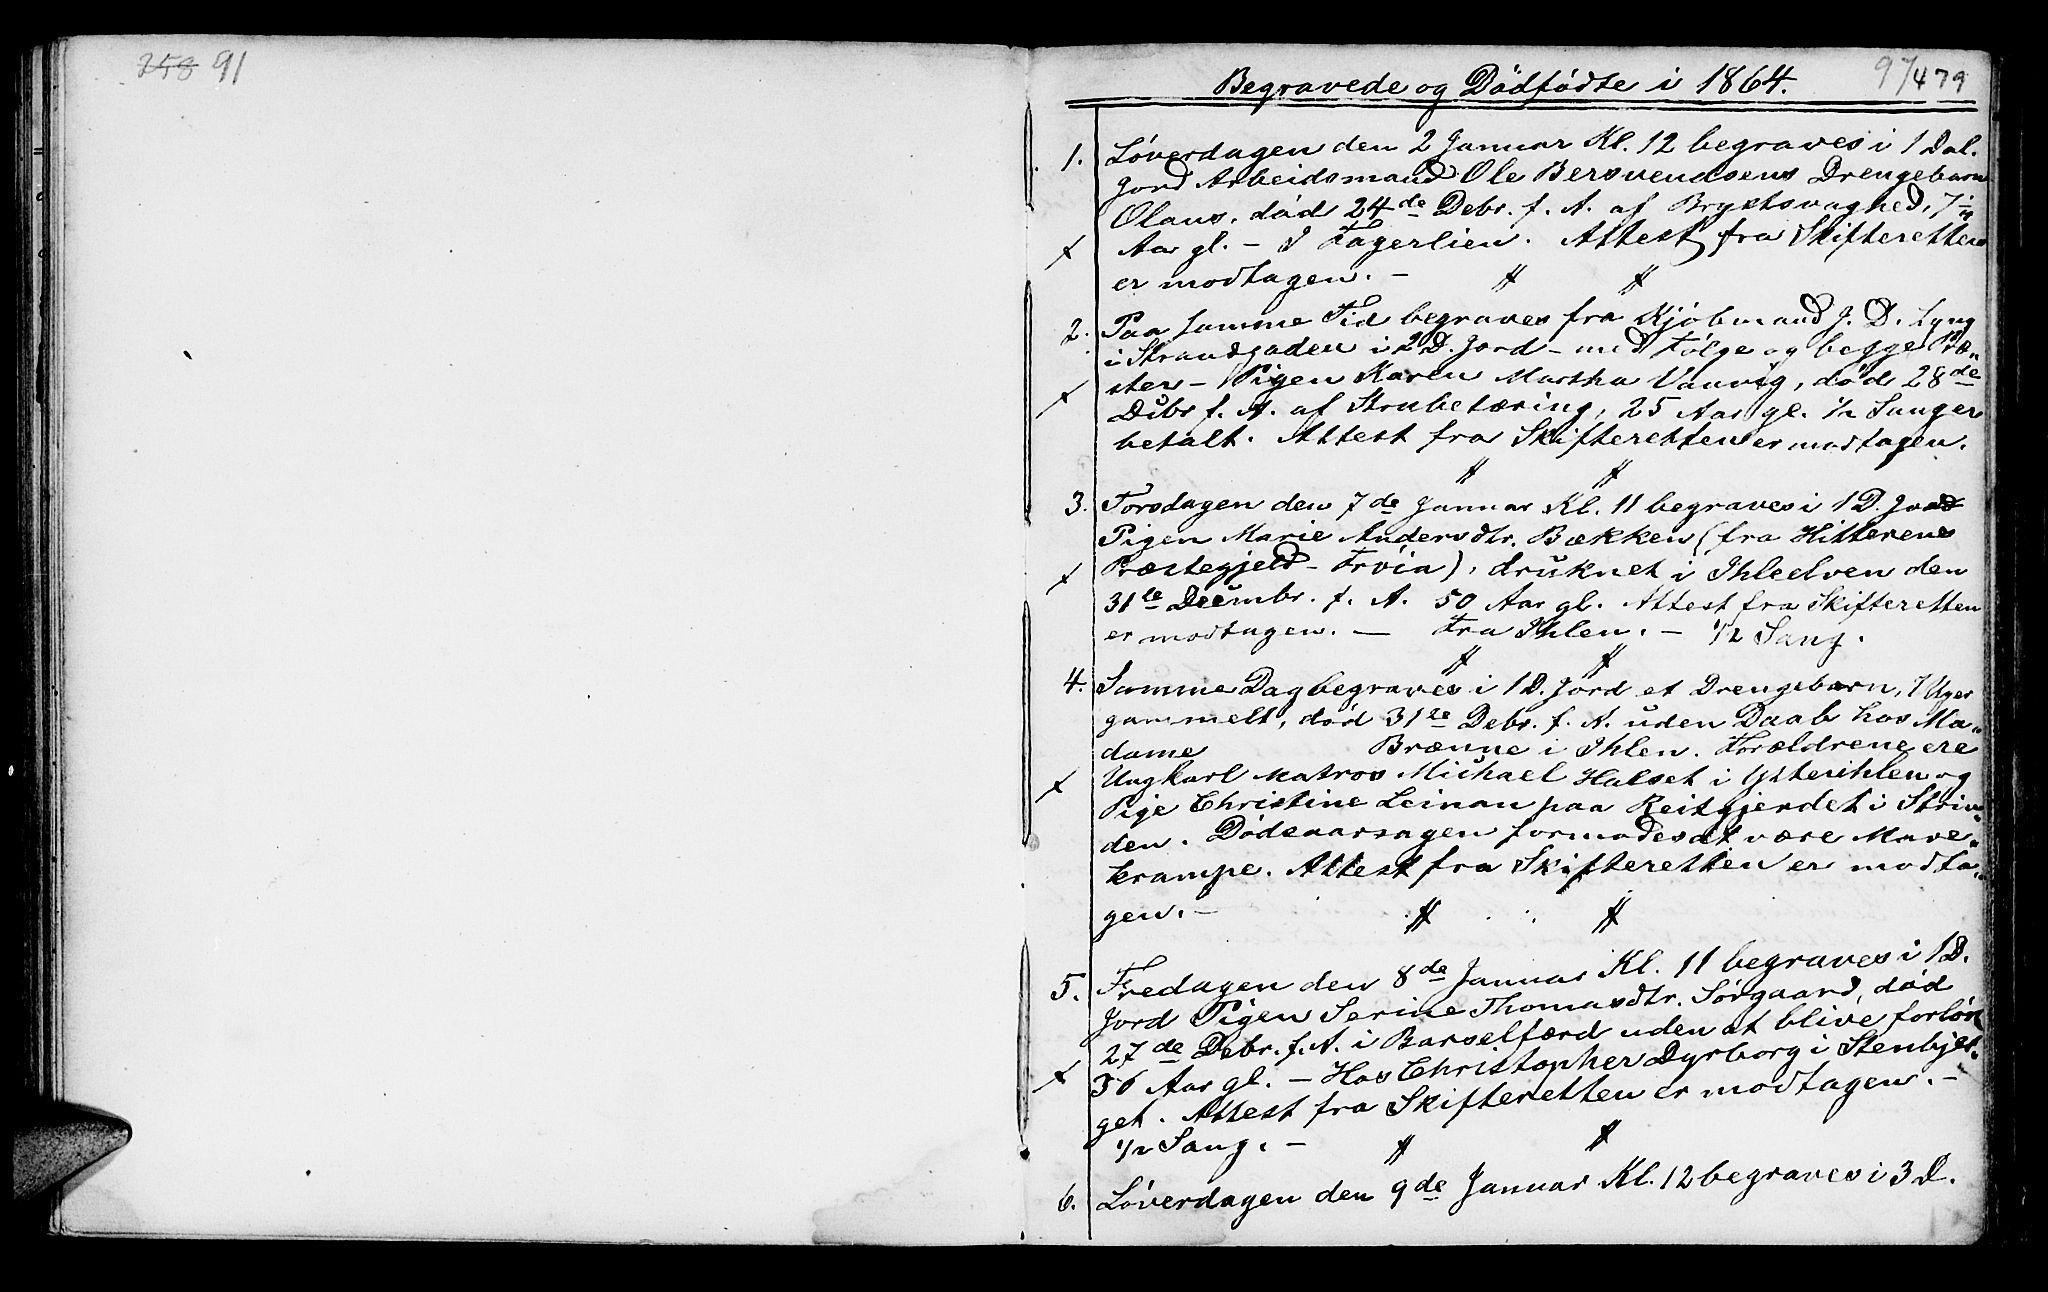 SAT, Ministerialprotokoller, klokkerbøker og fødselsregistre - Sør-Trøndelag, 602/L0140: Klokkerbok nr. 602C08, 1864-1872, s. 478-479